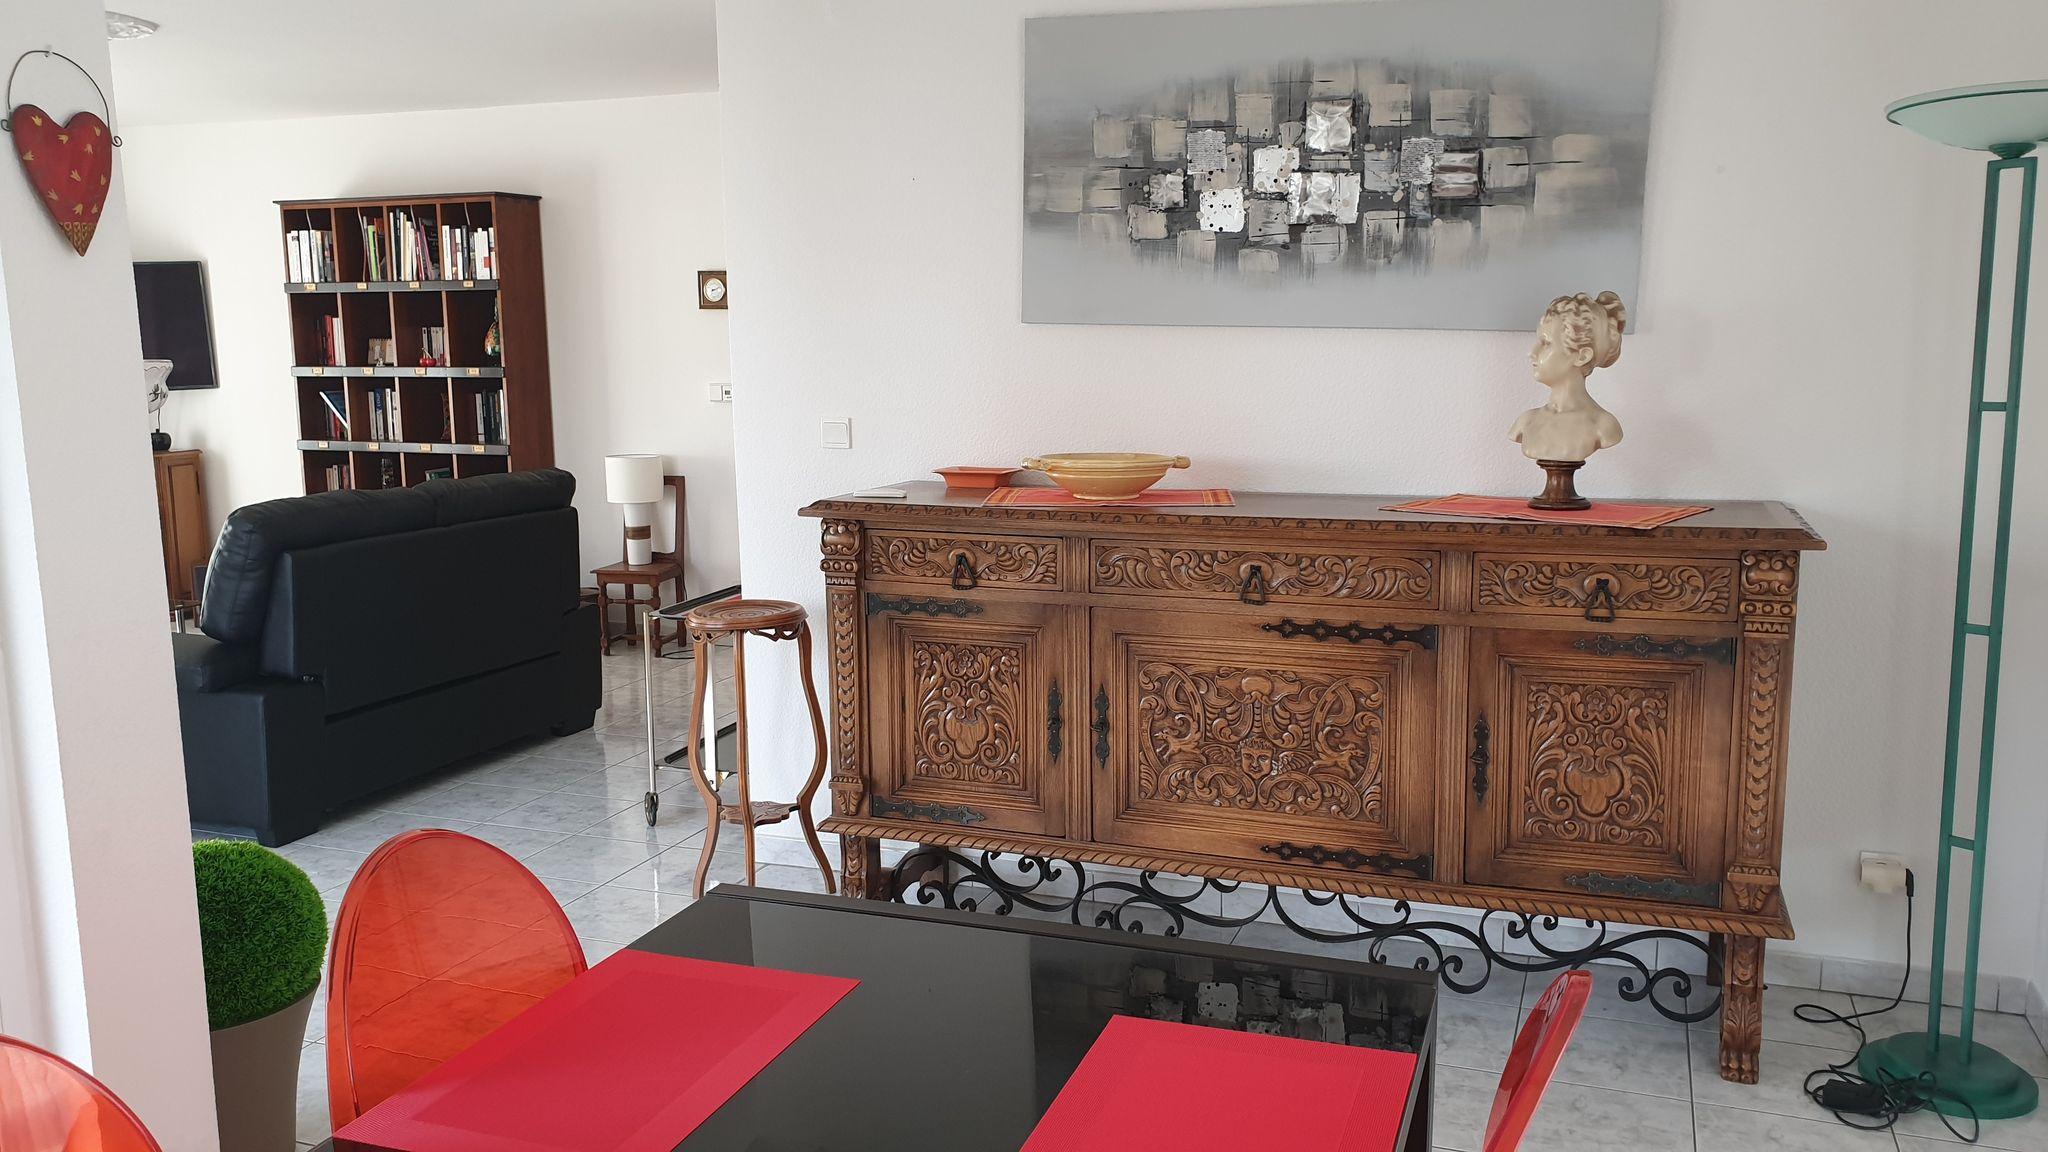 Appartement lumineux et confortable, situé à quelques centaines de mètres du centre de Colmar, son calme et sa terrasse donnant sur un parc verdoyant en font un endroit agréable à vivre au cœur d'une ville alsacienne riche en histoire et tournée vers l'avenir.